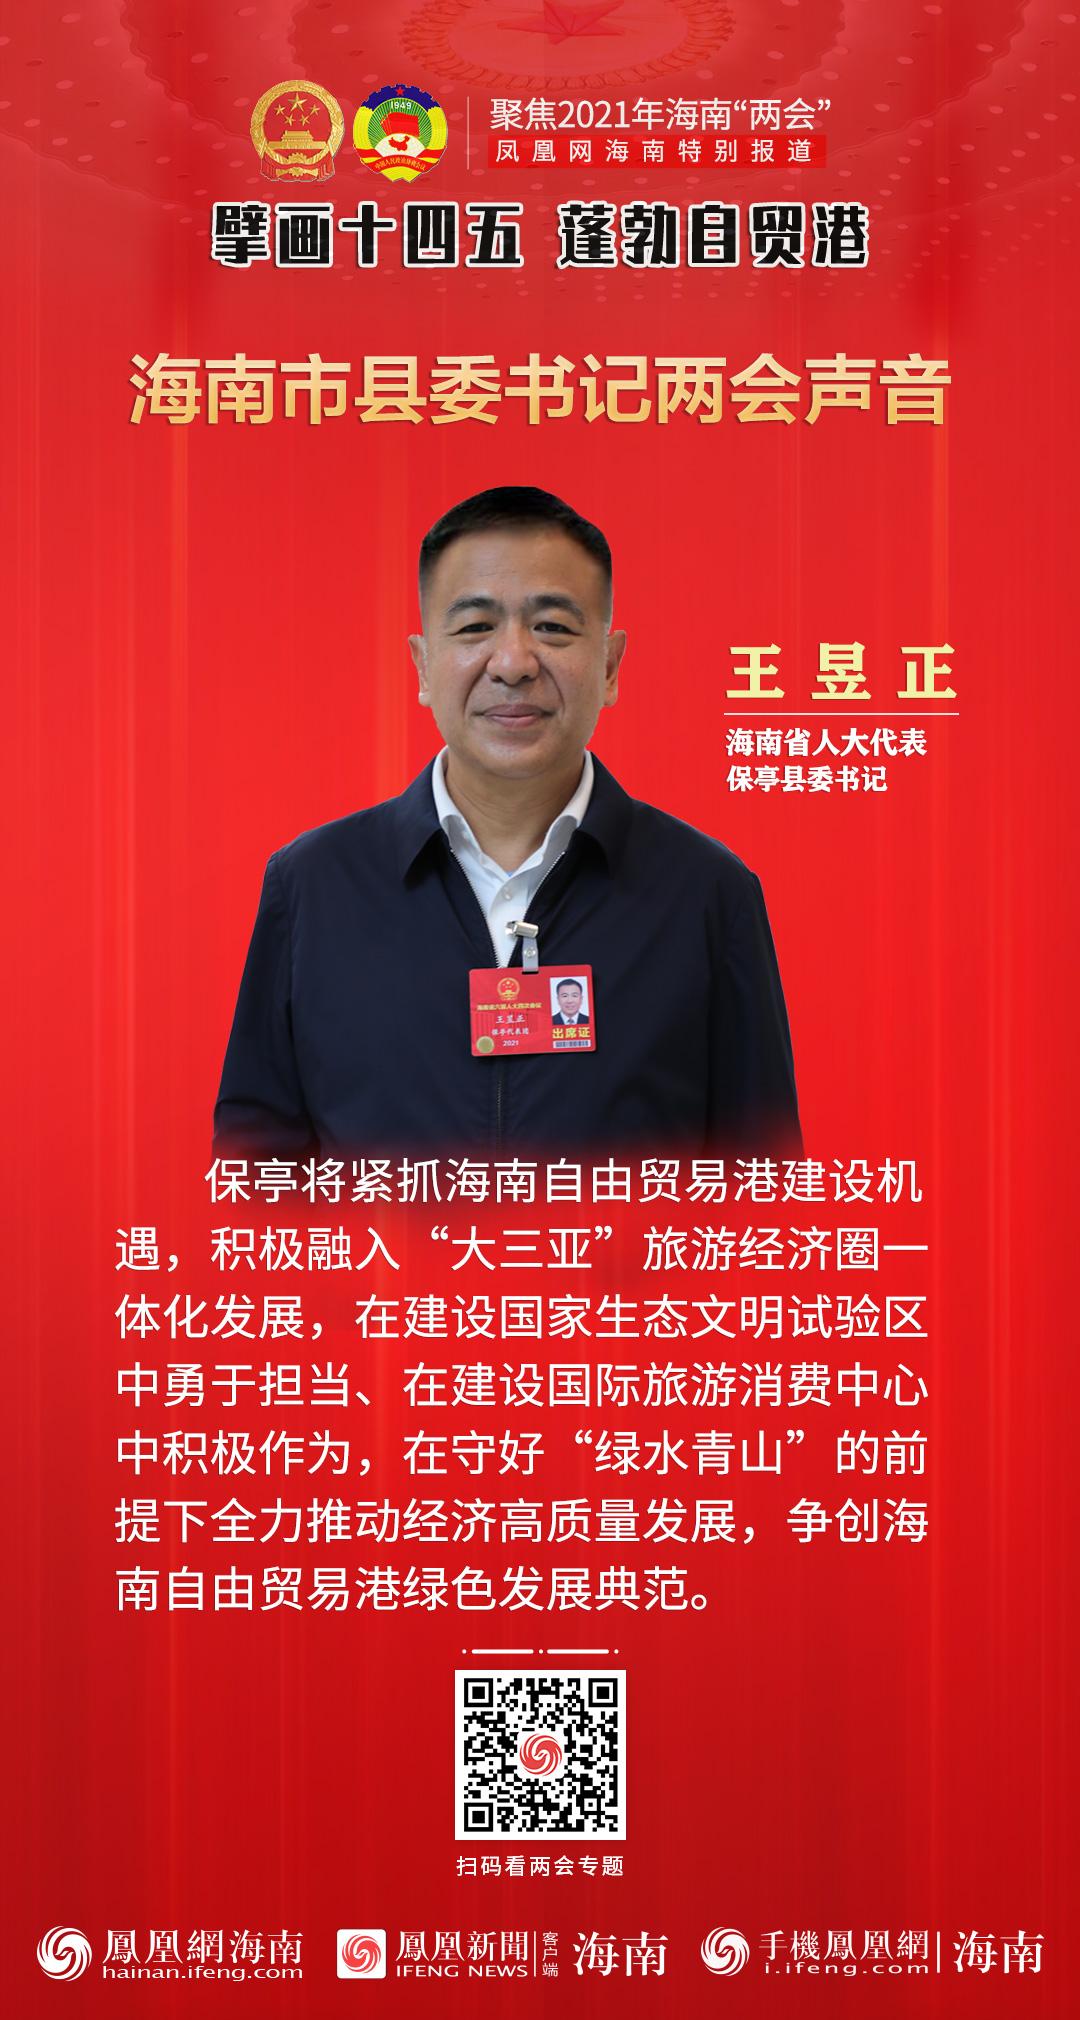 2021海南两会手机海报│保亭县委书记王昱正:争创海南自由贸易港绿色发展典范